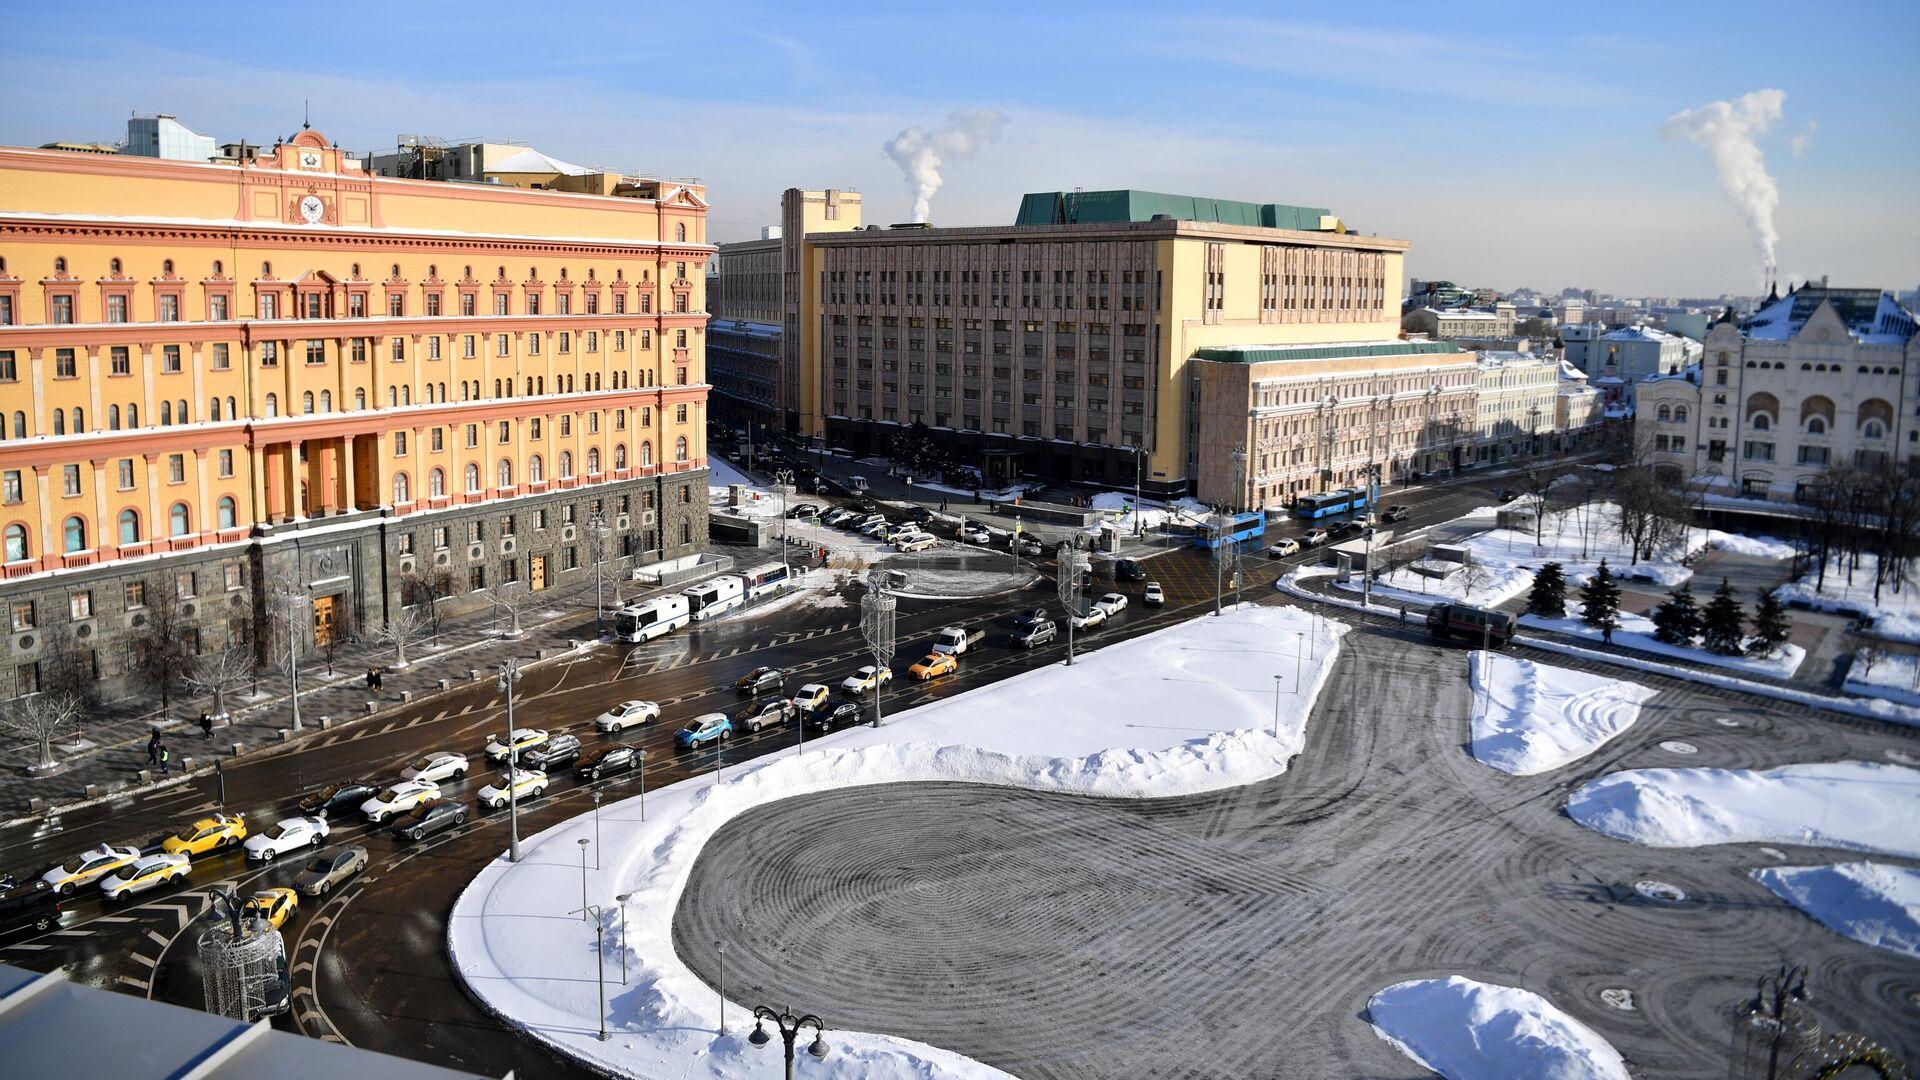 Здание Федеральной службы безопасности на Лубянской площади в Москве - РИА Новости, 1920, 27.02.2021